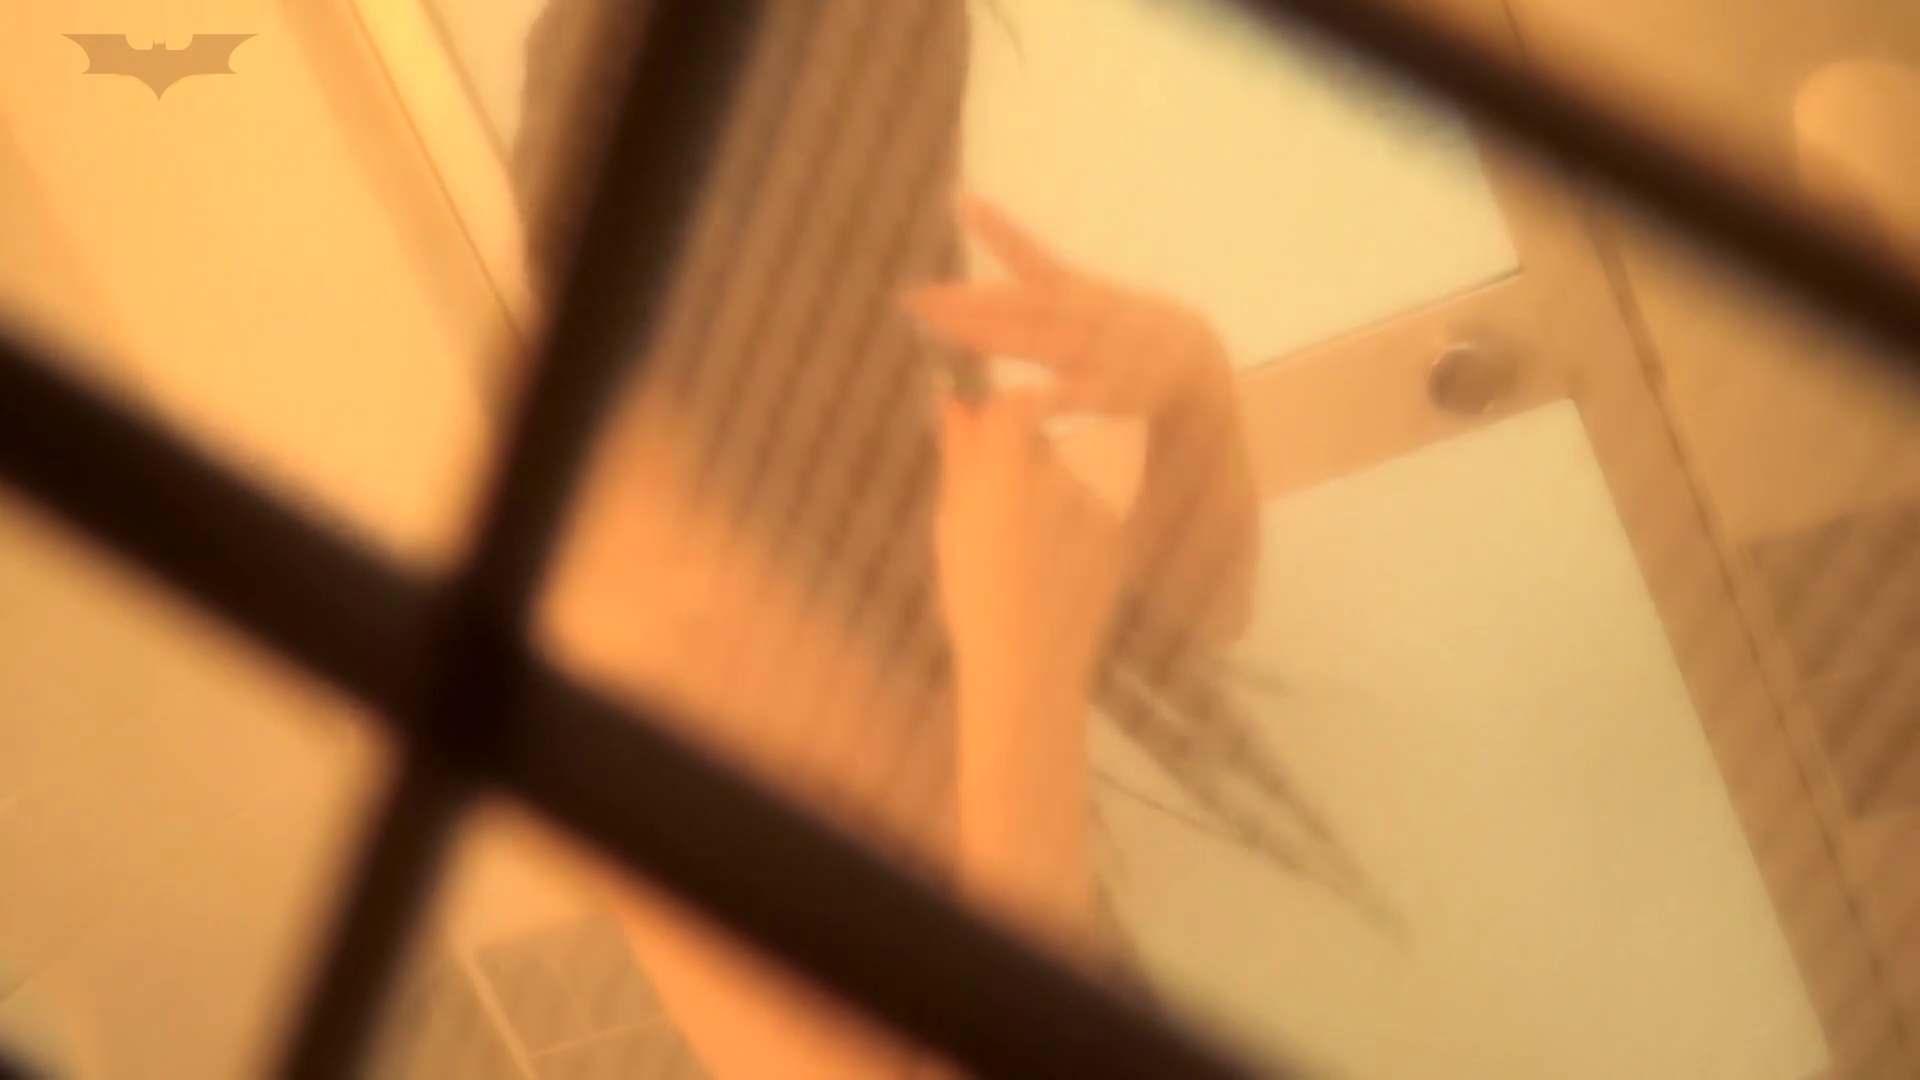 *華の女子寮ノゾキ* vol.03 こないだまでJKだった黒髪炉利っ子。 OL  83pic 21